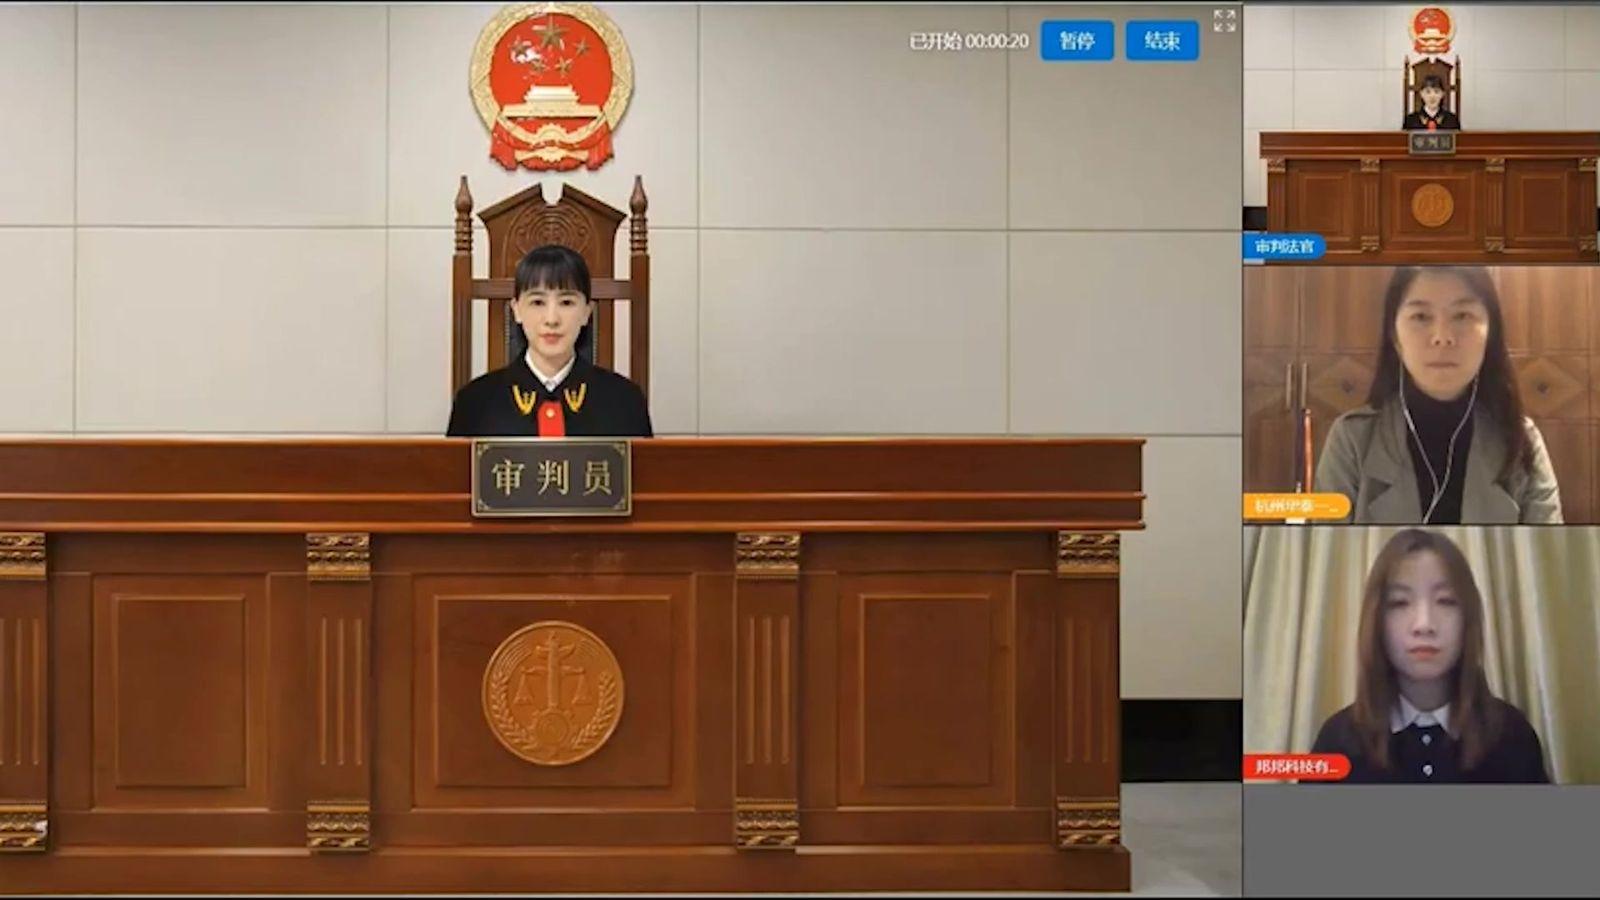 ข่าวสดวันนี้ ผู้พิพากษา AI